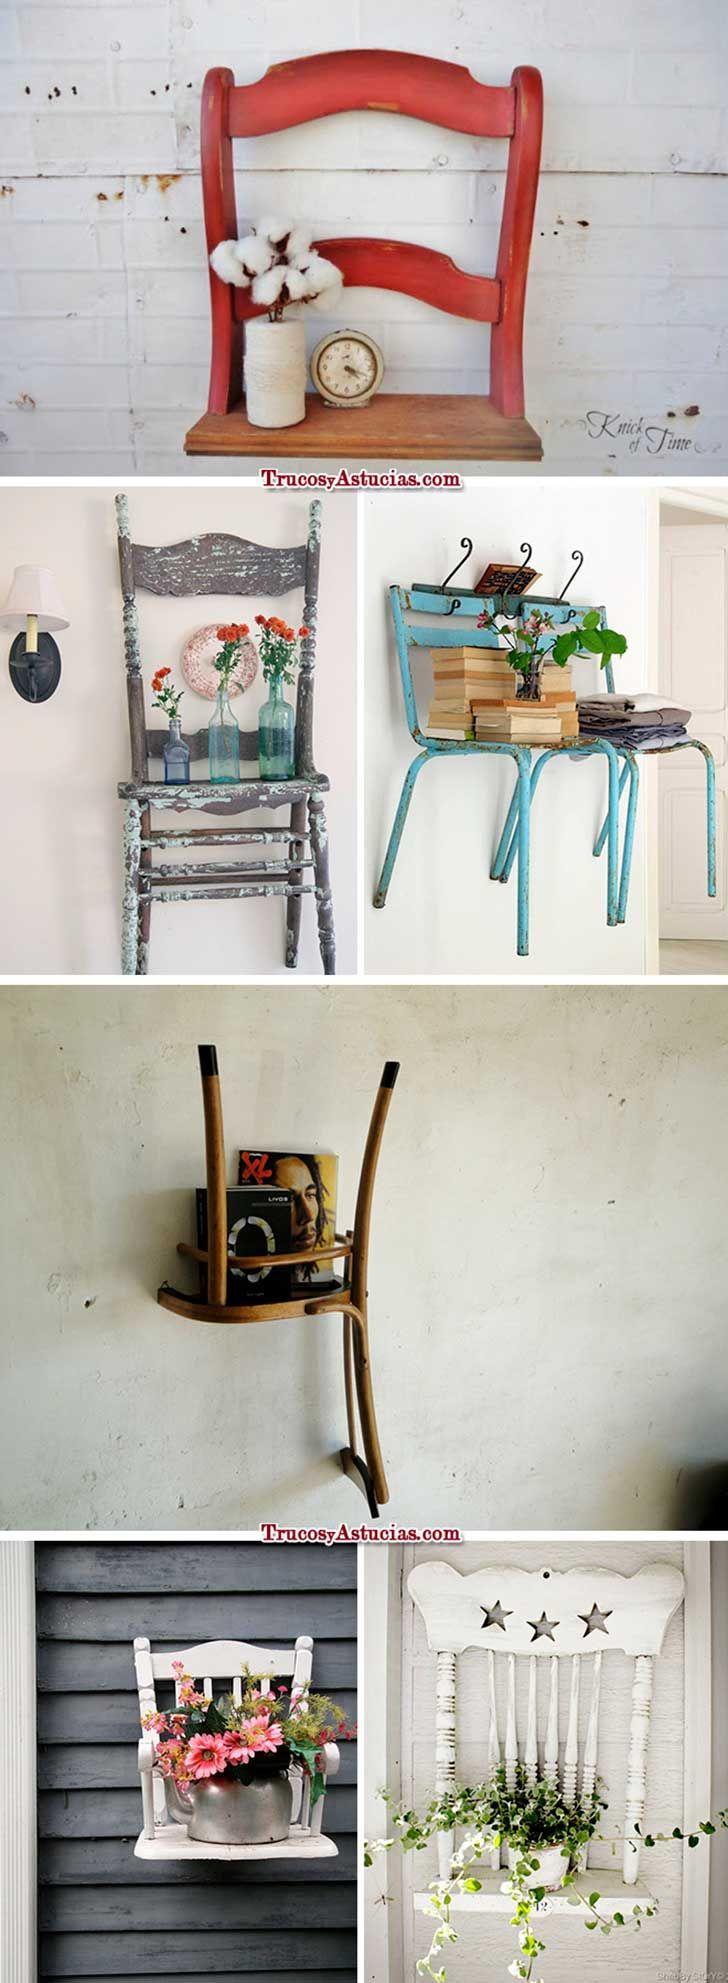 reciclar-sillas-en-estanterias